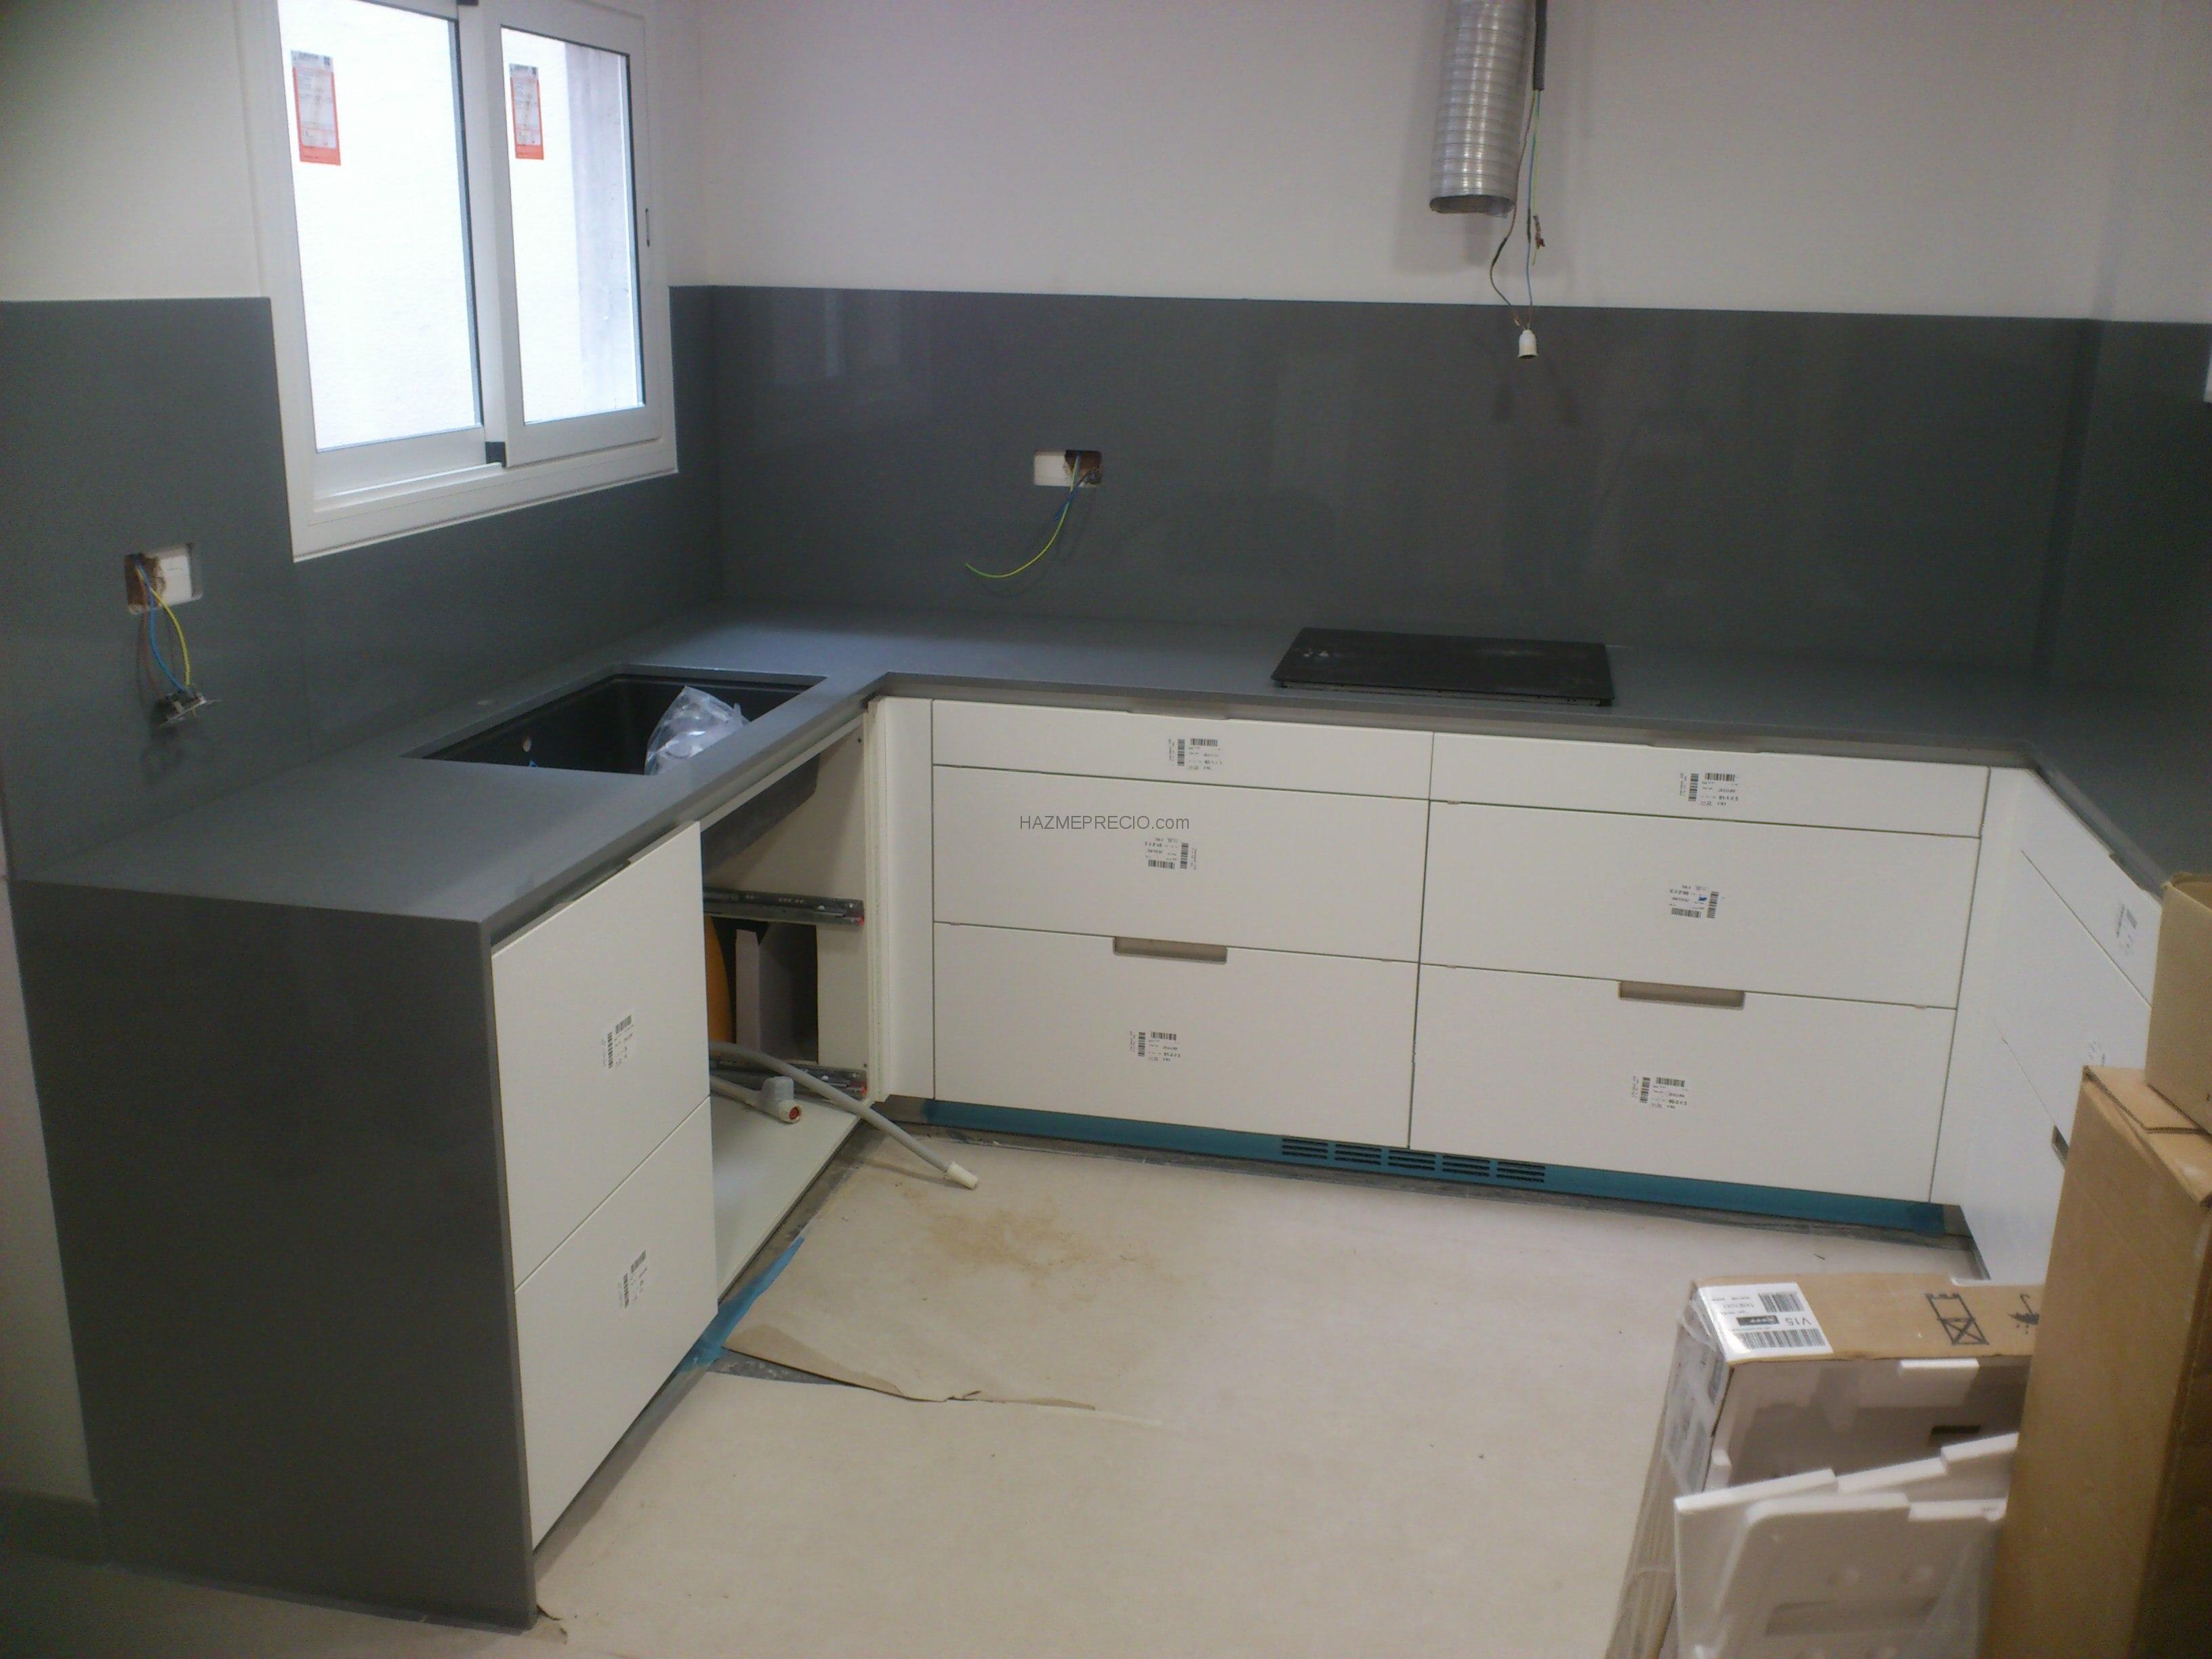 Presupuesto para instalar silestone en la cocina for Silestone precio m2